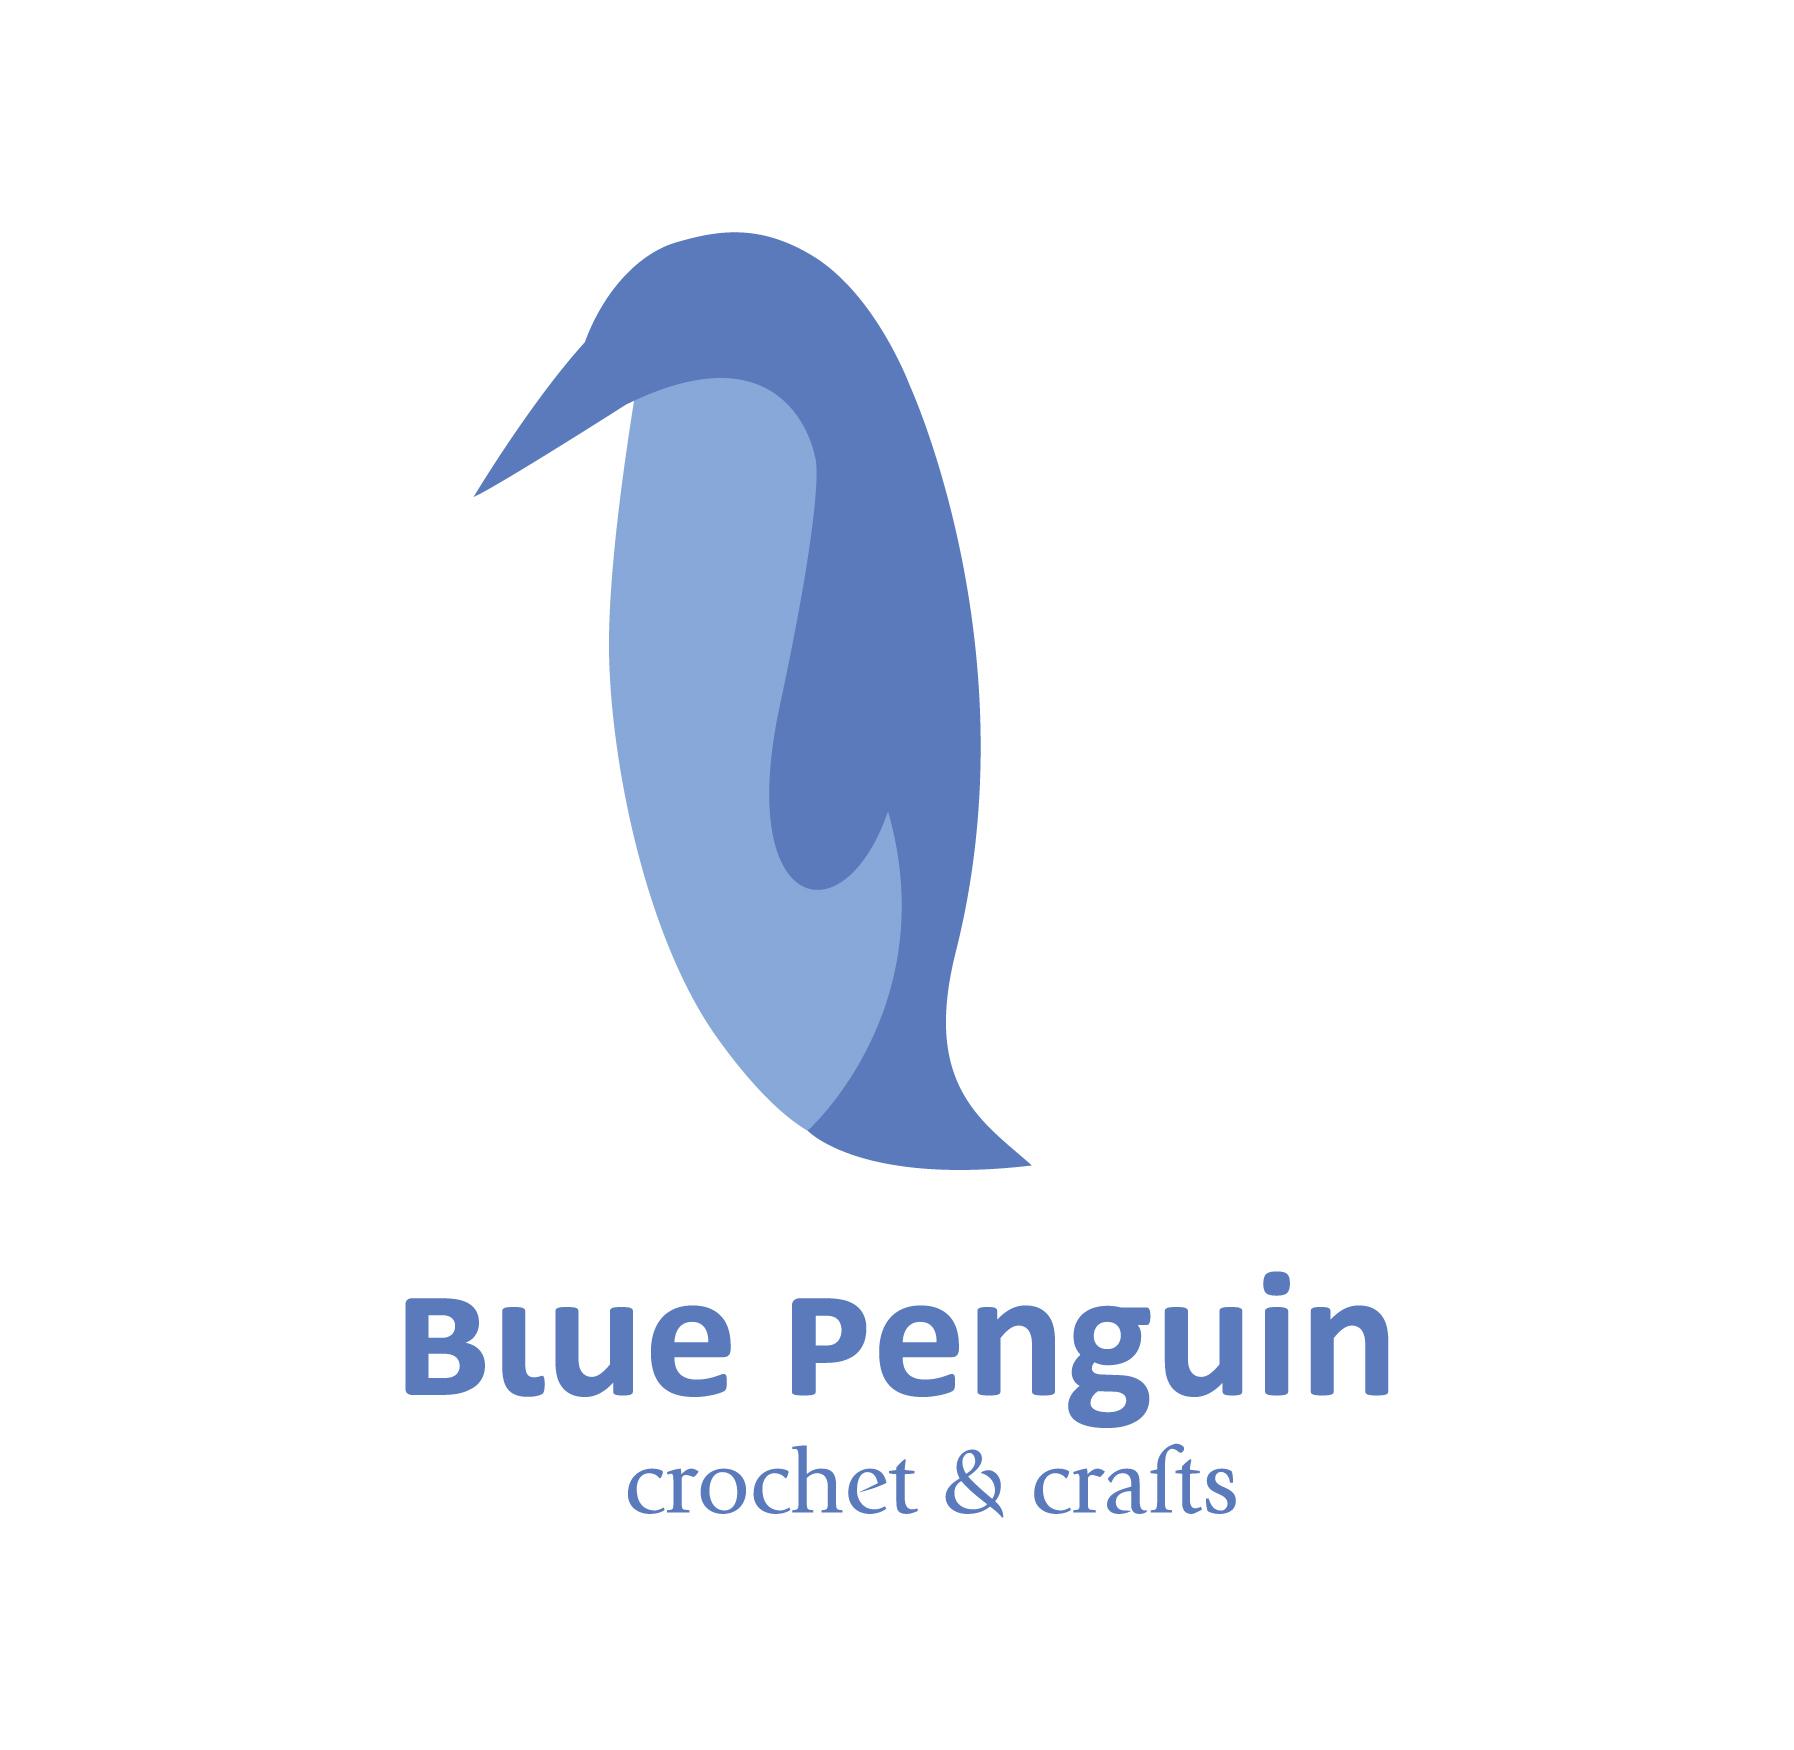 Work For Clients Blue Penguin Kevin Dench Design